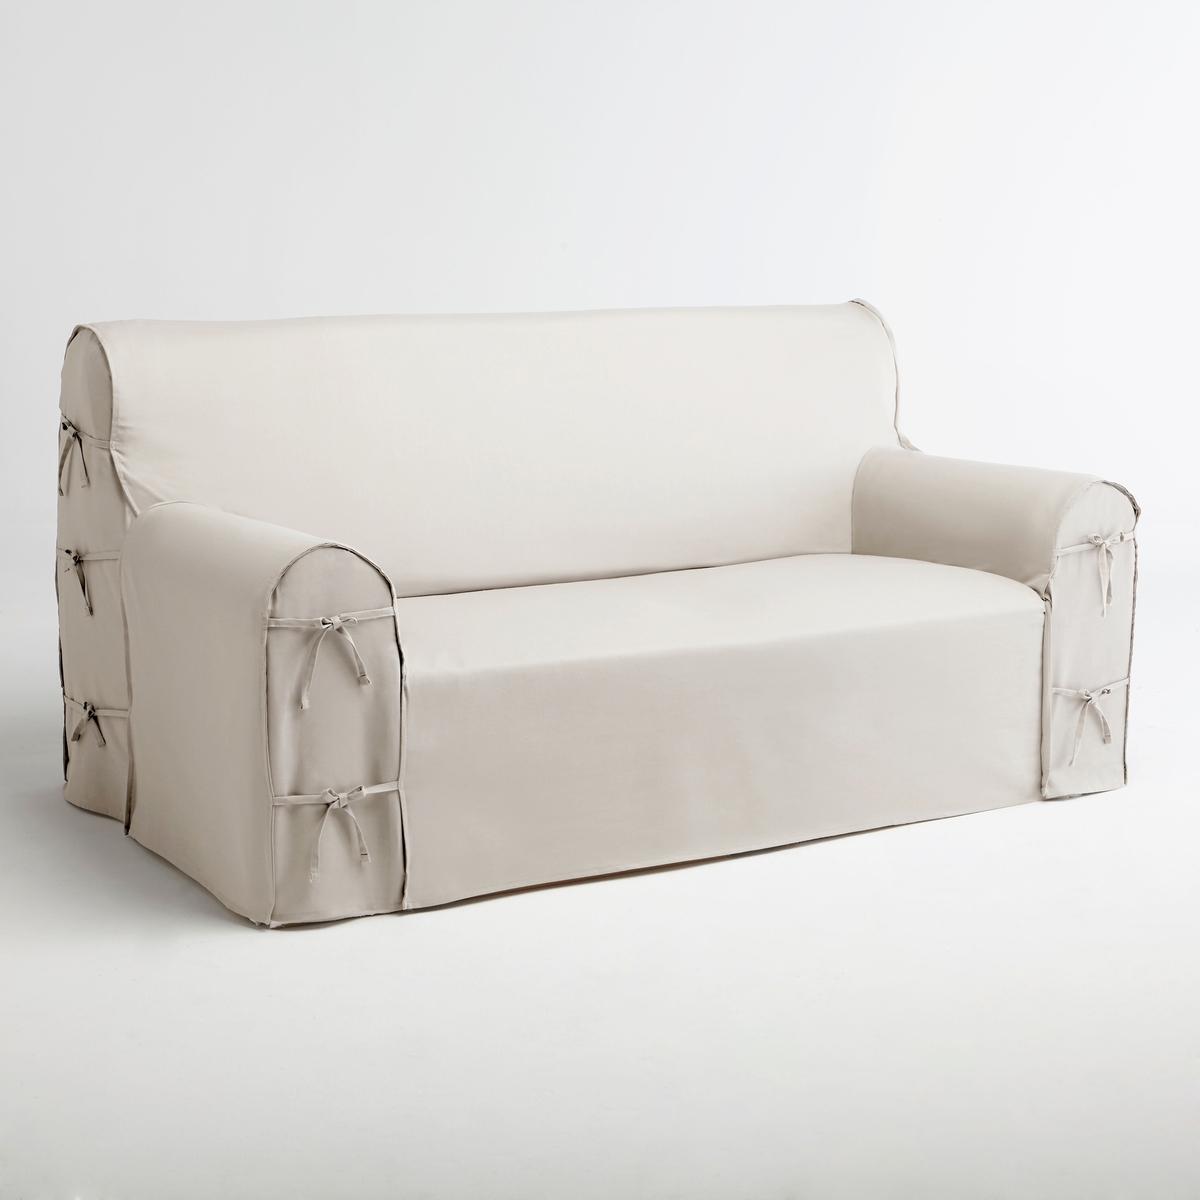 Чехол для диванаЧехол для дивана, 100% хлопка, великолепные цвета!   Характеристики чехла для дивана:Практичный чехол для дивана, регулируется завязками. Красивая плотная ткань, 100% хлопок (220 г/м?).Обработка против пятен.Простой уход : стирка при 40°, превосходная стойкость цвета.Размеры чехла для дивана:Общая высота: 102 см.Глубина сиденья: 60 см.Высота : подлокотник 66 см.3 модели на выбор : - 2-местн. : шир.142 см макс.,- 2-3 местн. : шир. 180 см макс.,- 3-местн. : шир. 206 см макс..Сверьте размеры перед заказом !Качество VALEUR S?RE.Сертфикат Oeko-Tex® дает гарантию того, что товары изготовлены без применения химических средств и не представляют опасности для здоровья человека  .<br><br>Цвет: белый,вишневый,медовый,серо-коричневый,серый жемчужный,сине-зеленый,синий индиго,сливовый,темно-серый,черный,экрю<br>Размер: 3 местн..2/3 мест.2 места.2/3 мест.3 местн..3 местн..2 места